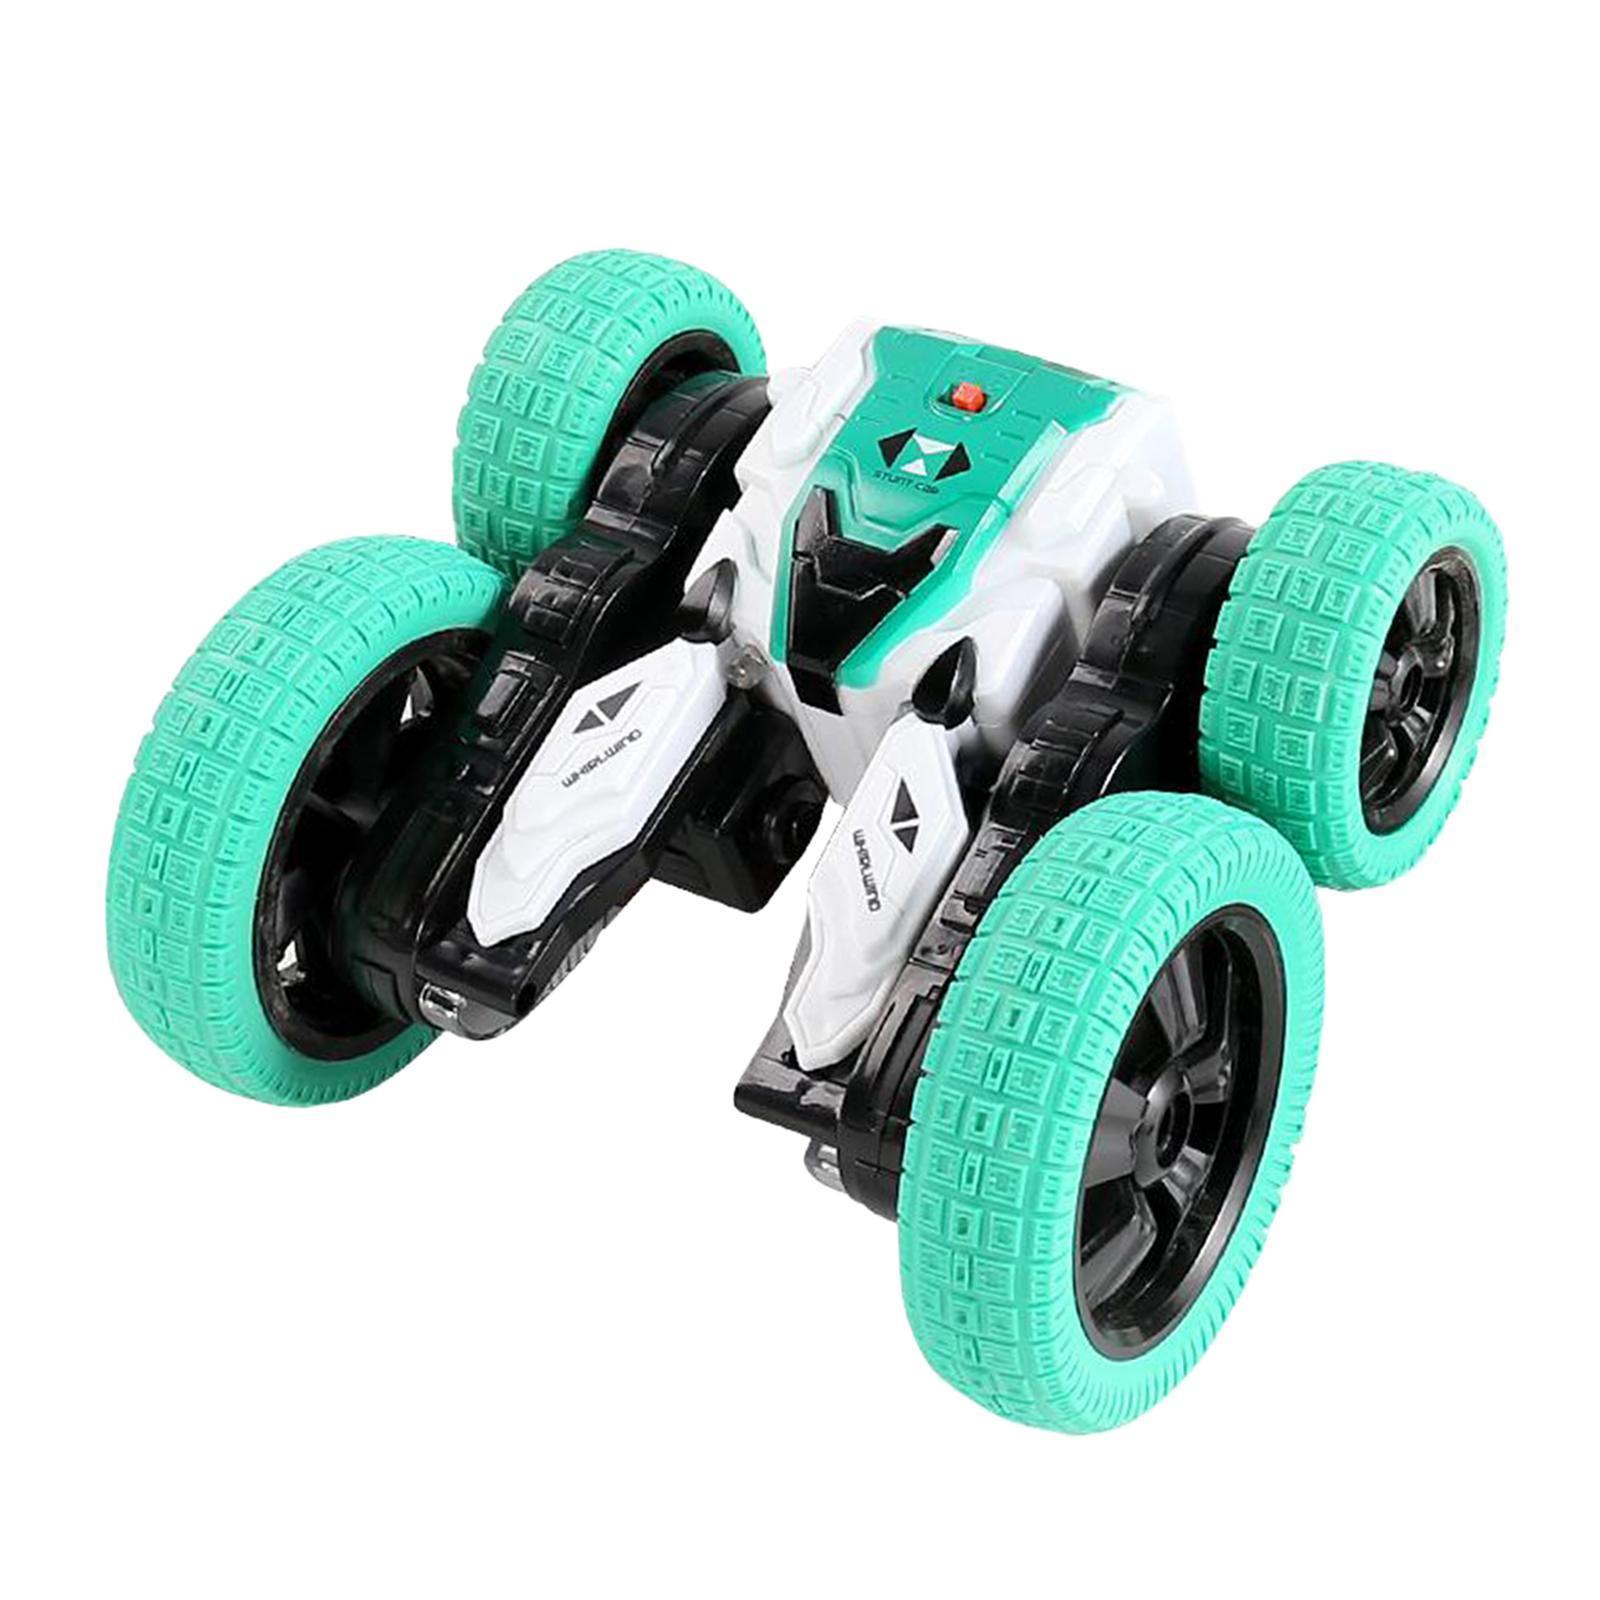 miniatura 26 - Telecomando Auto Stunt Car Giocattolo Per Bambini 2.4GHz di Controllo Remoto